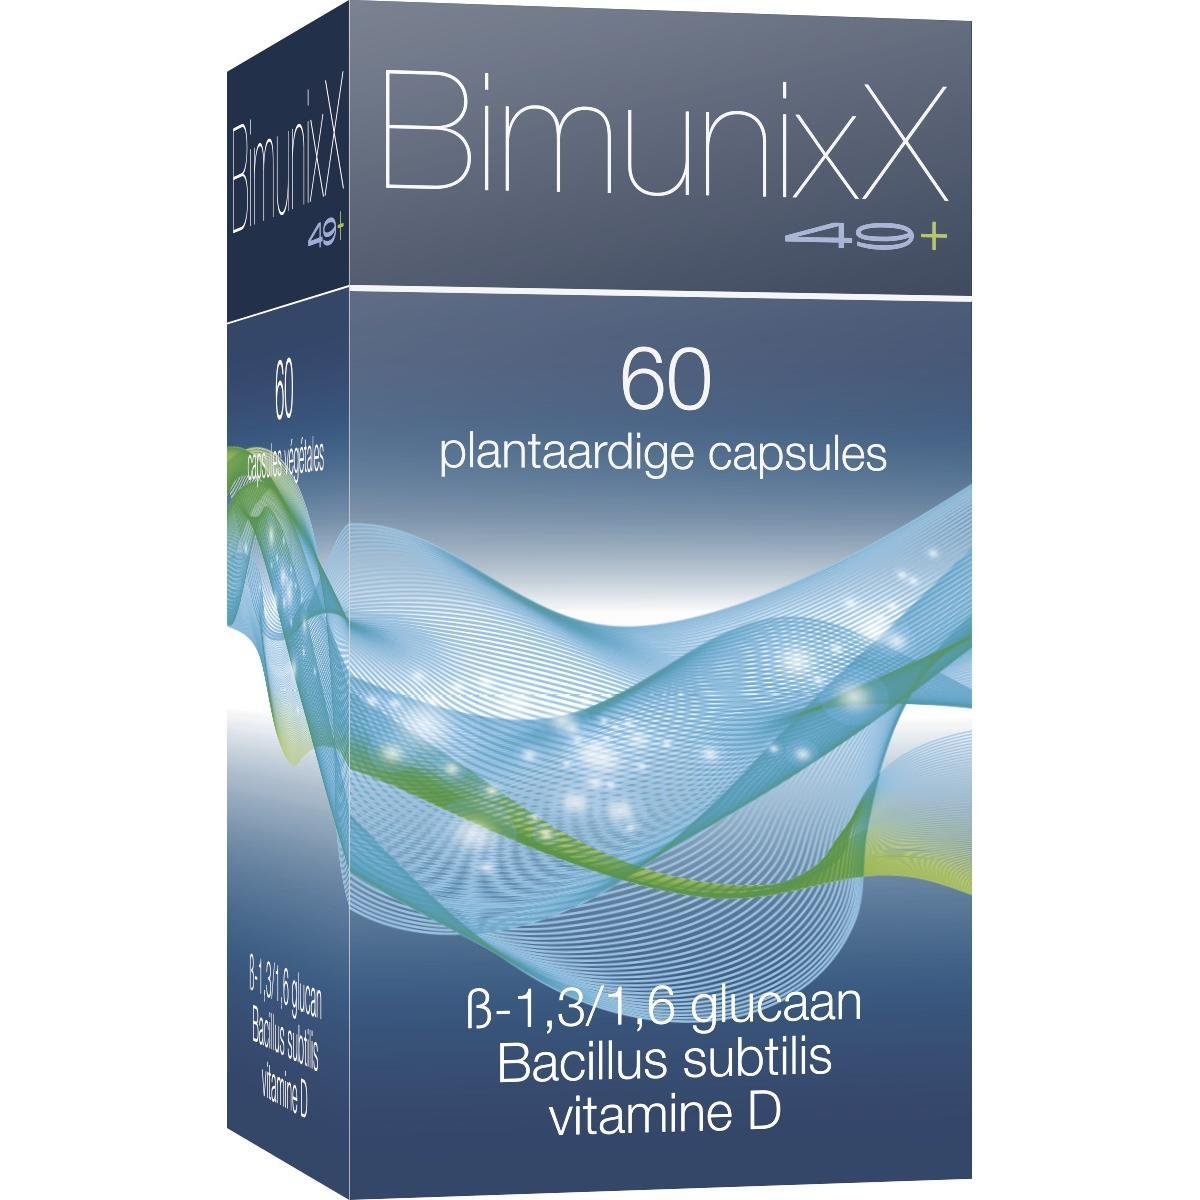 Image of Bimunixx 49+